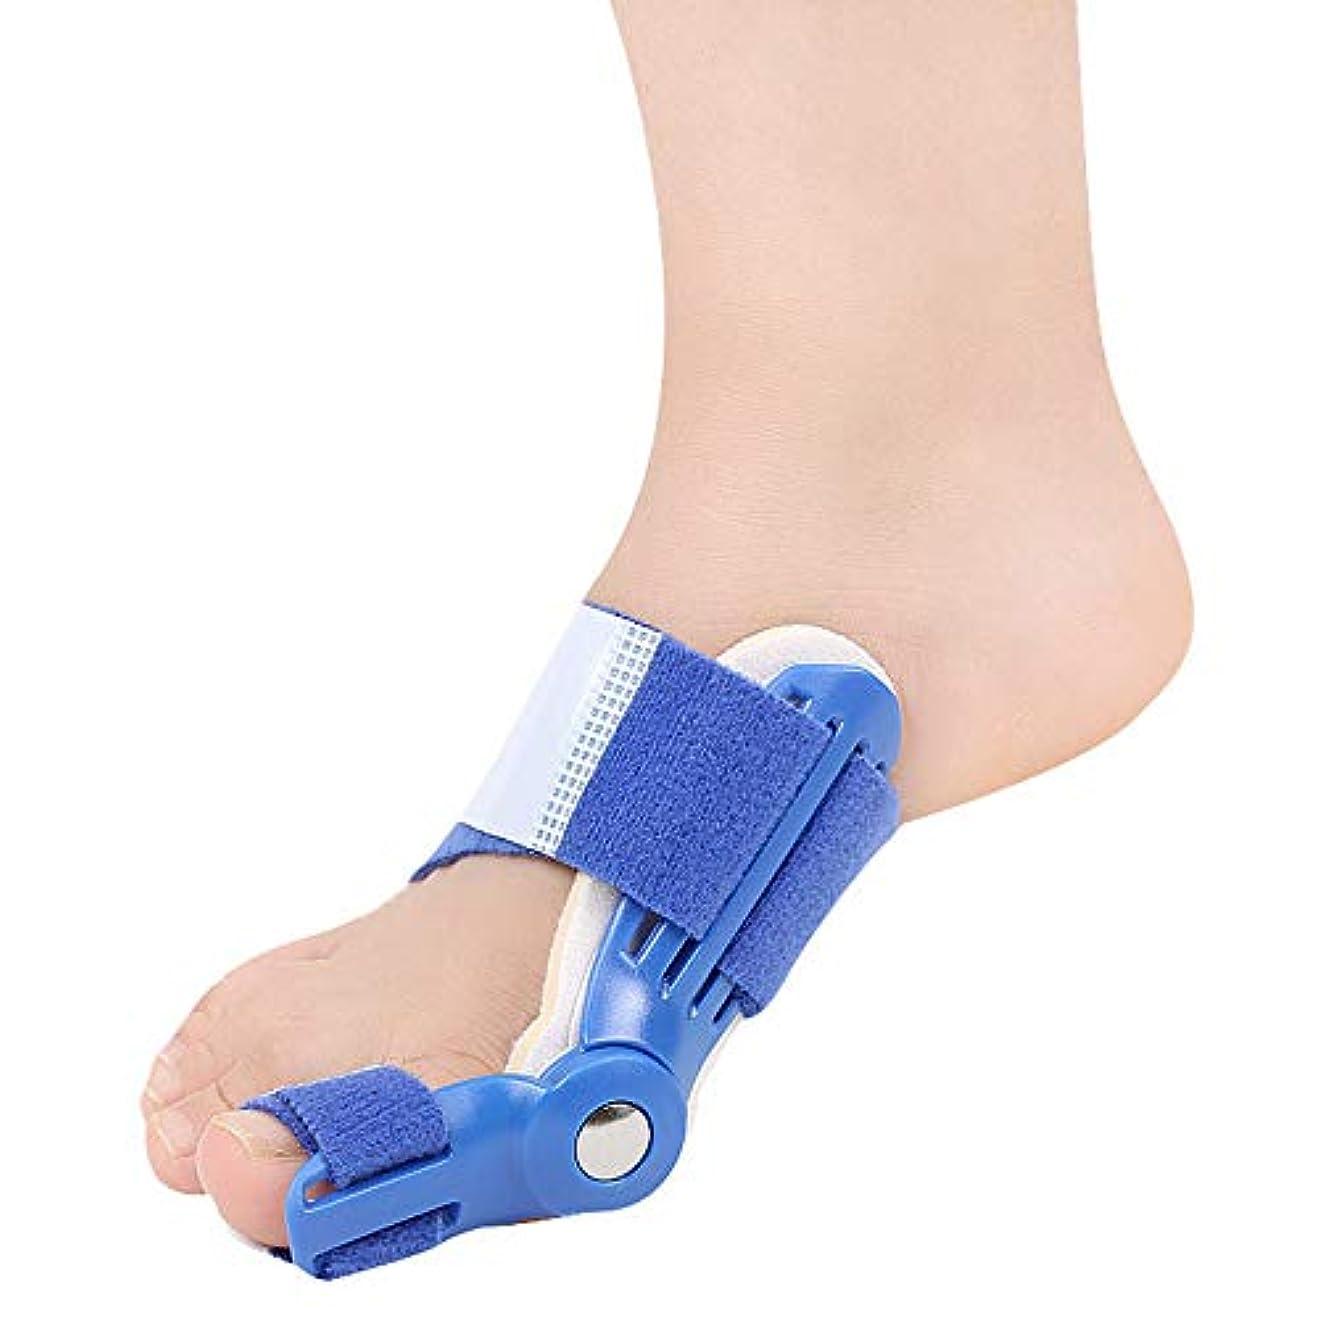 太字マーキー中間つま先セパレーターは、ヨガのエクササイズ後のつま先重なりの腱板ユニバーサル左右ワンサイズ予防の痛みと変形を防ぎます,ブルー